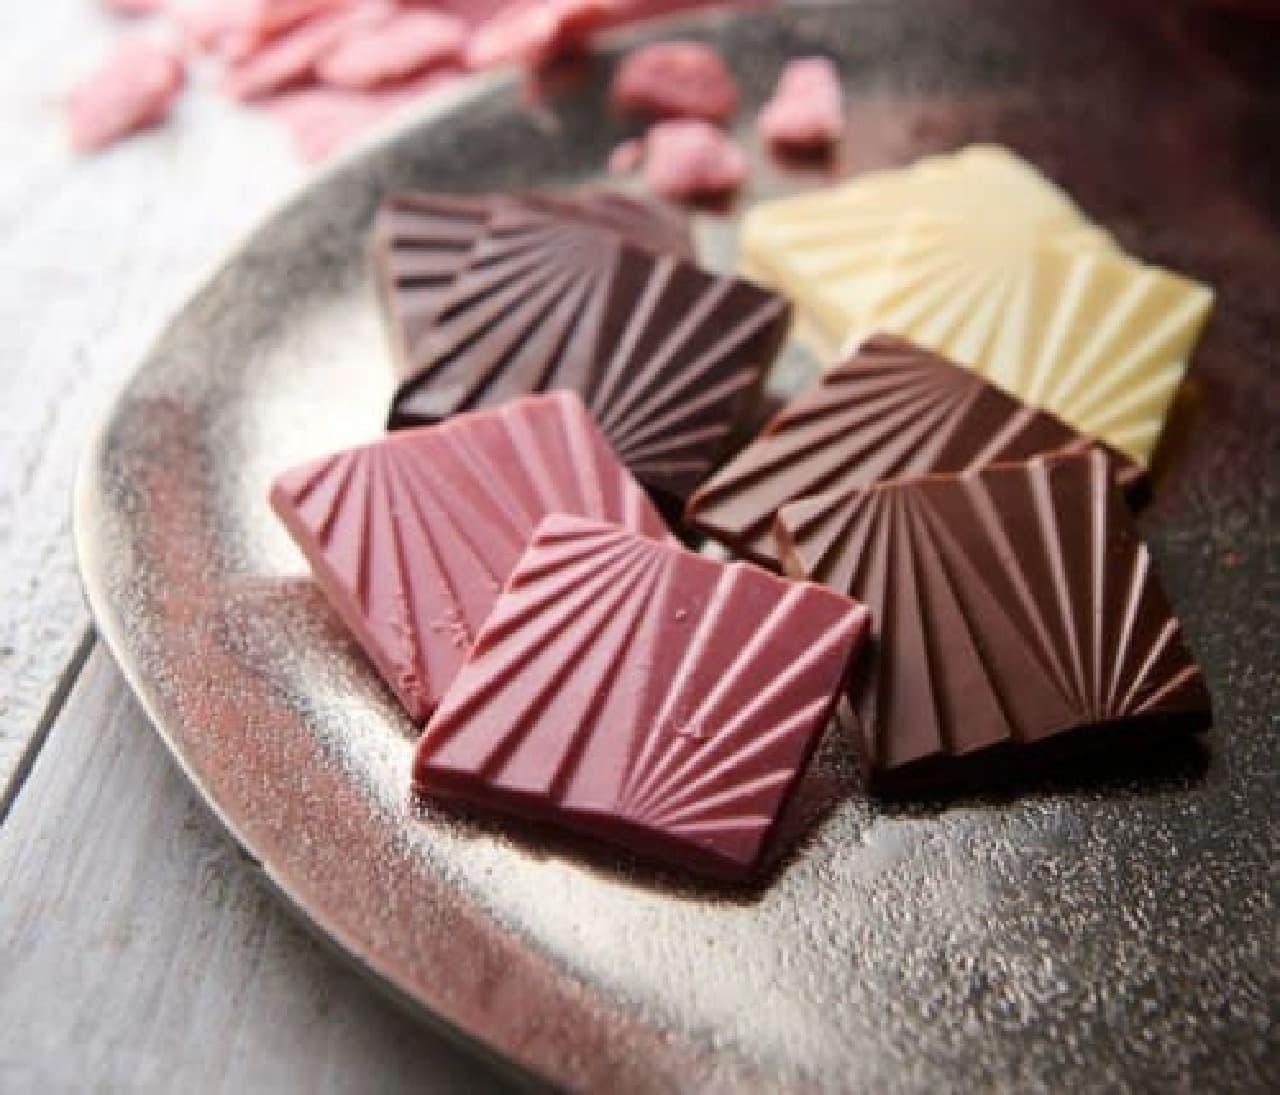 シャトレーゼ「カカオを愉しむチョコレート ルビーチョコレート入」